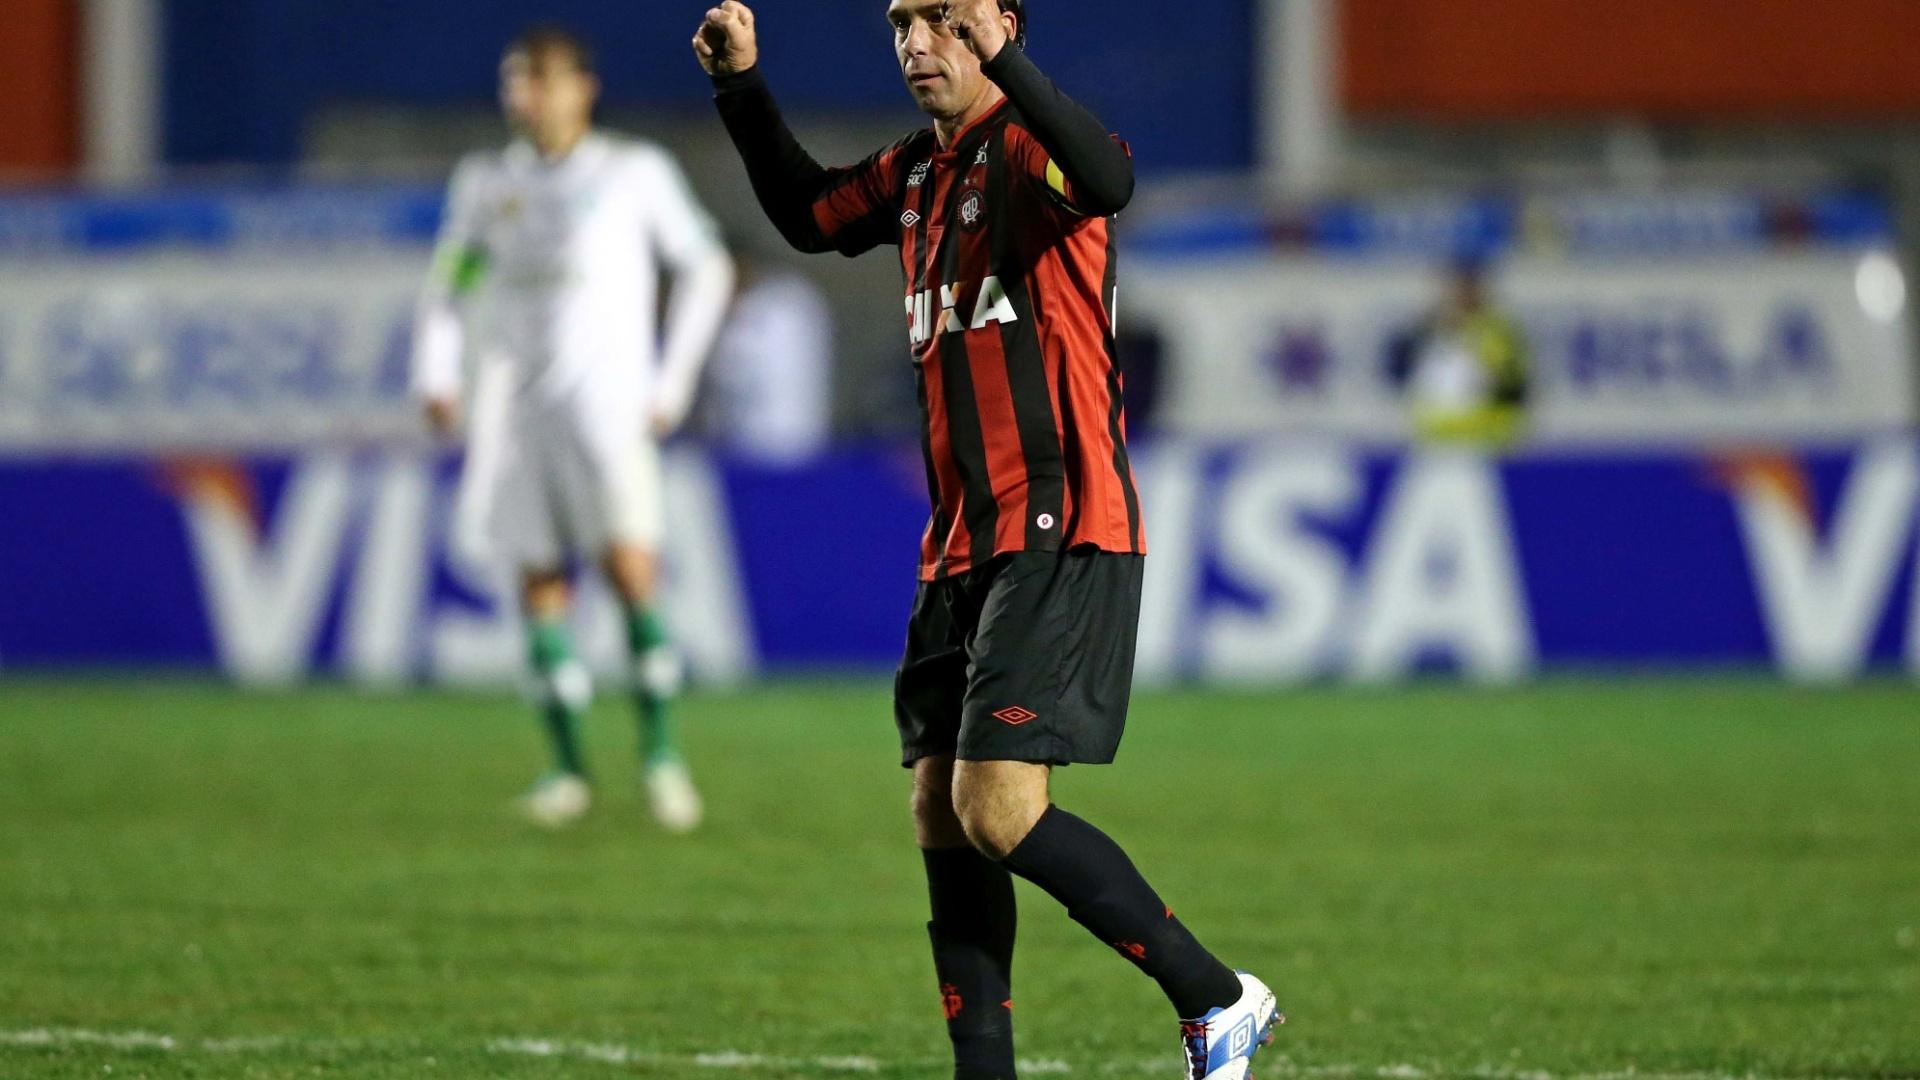 28.08.13 - Paulo Baier comemora gol do Atlético-PR contra o Palmeiras pela Copa do Brasil